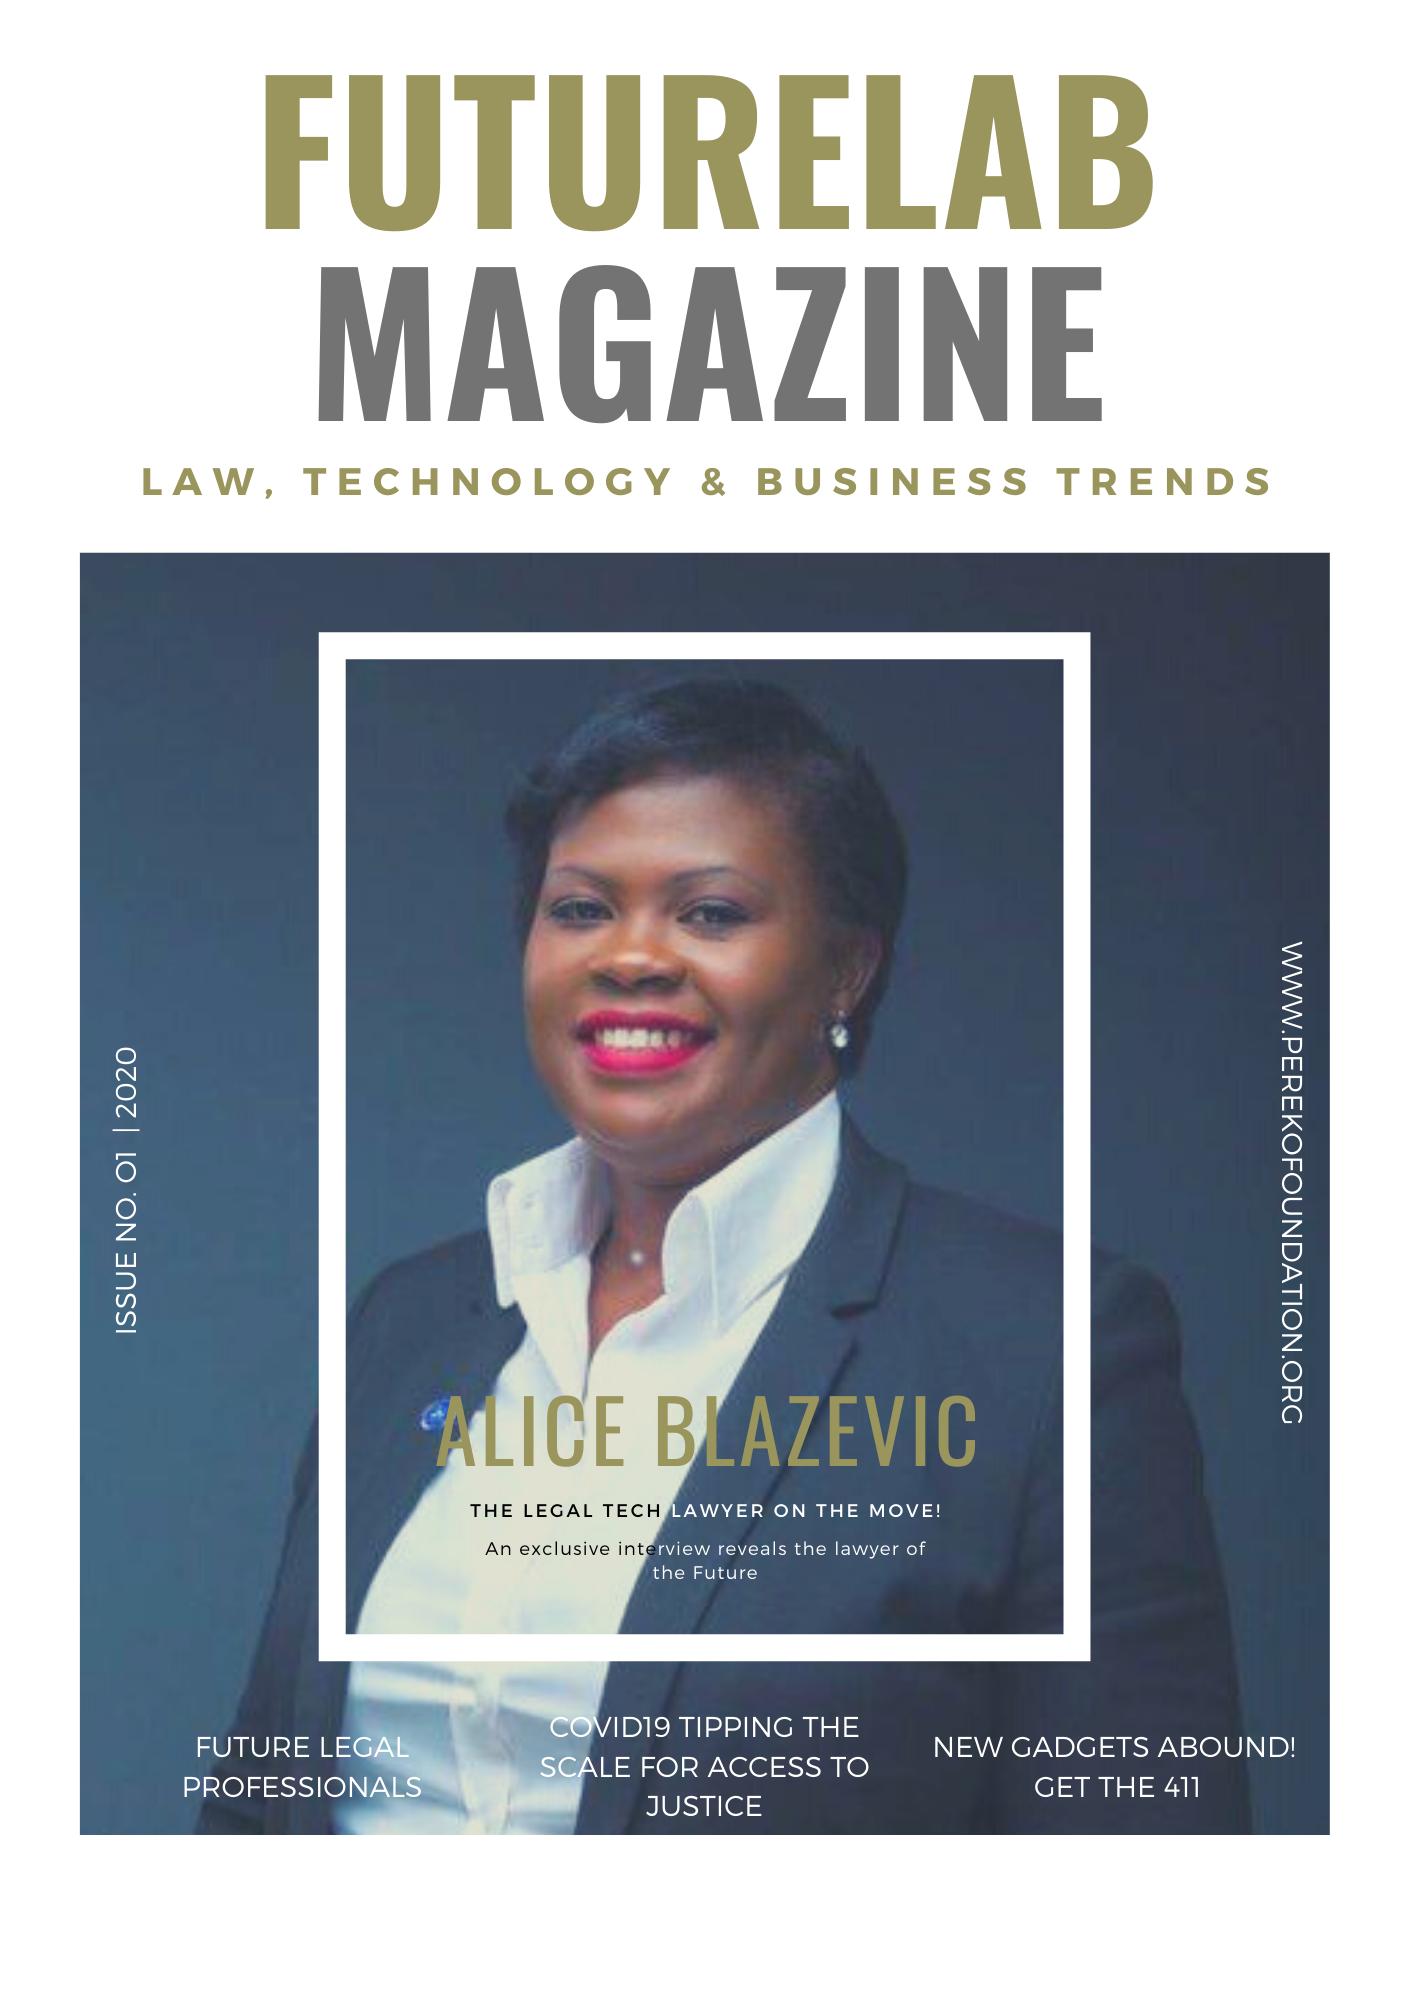 FutureLab Magazine